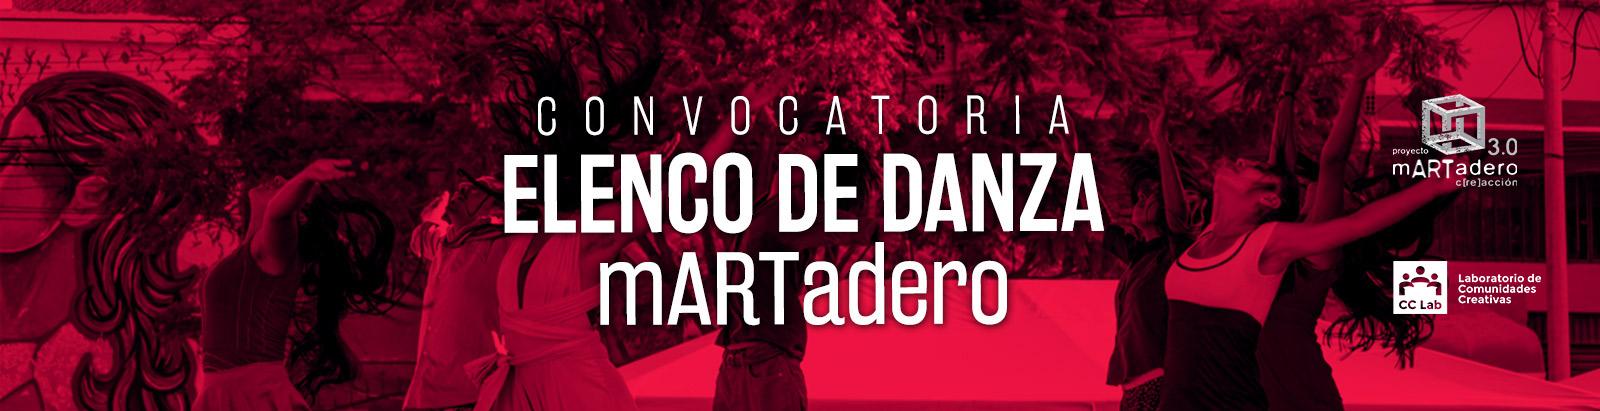 Convocatoria Elenco de Danza Contemporánea